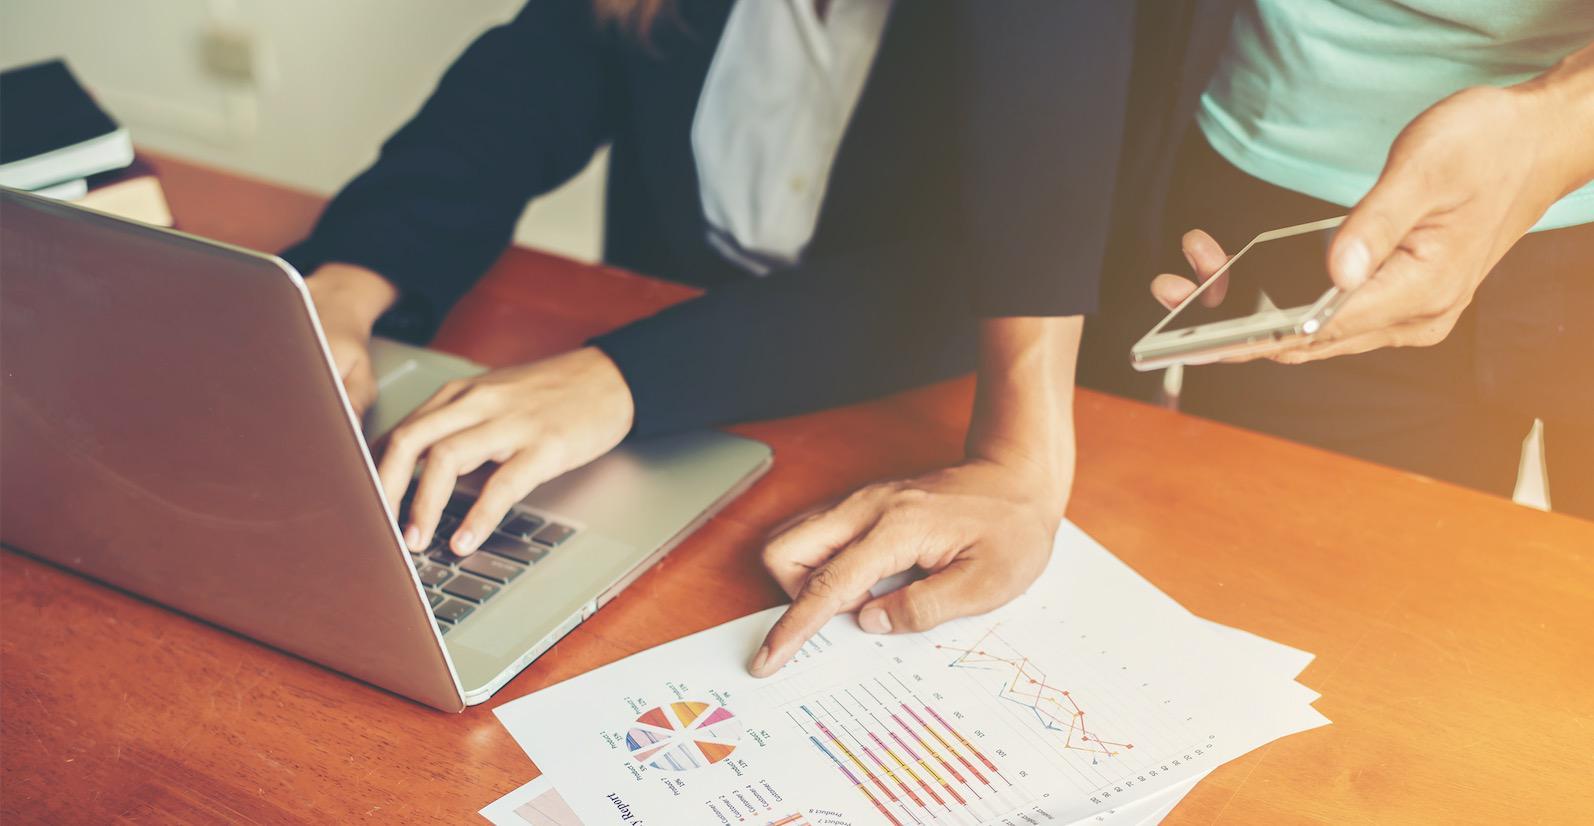 面试前,应该如何准备产品岗或者运营岗的面试?